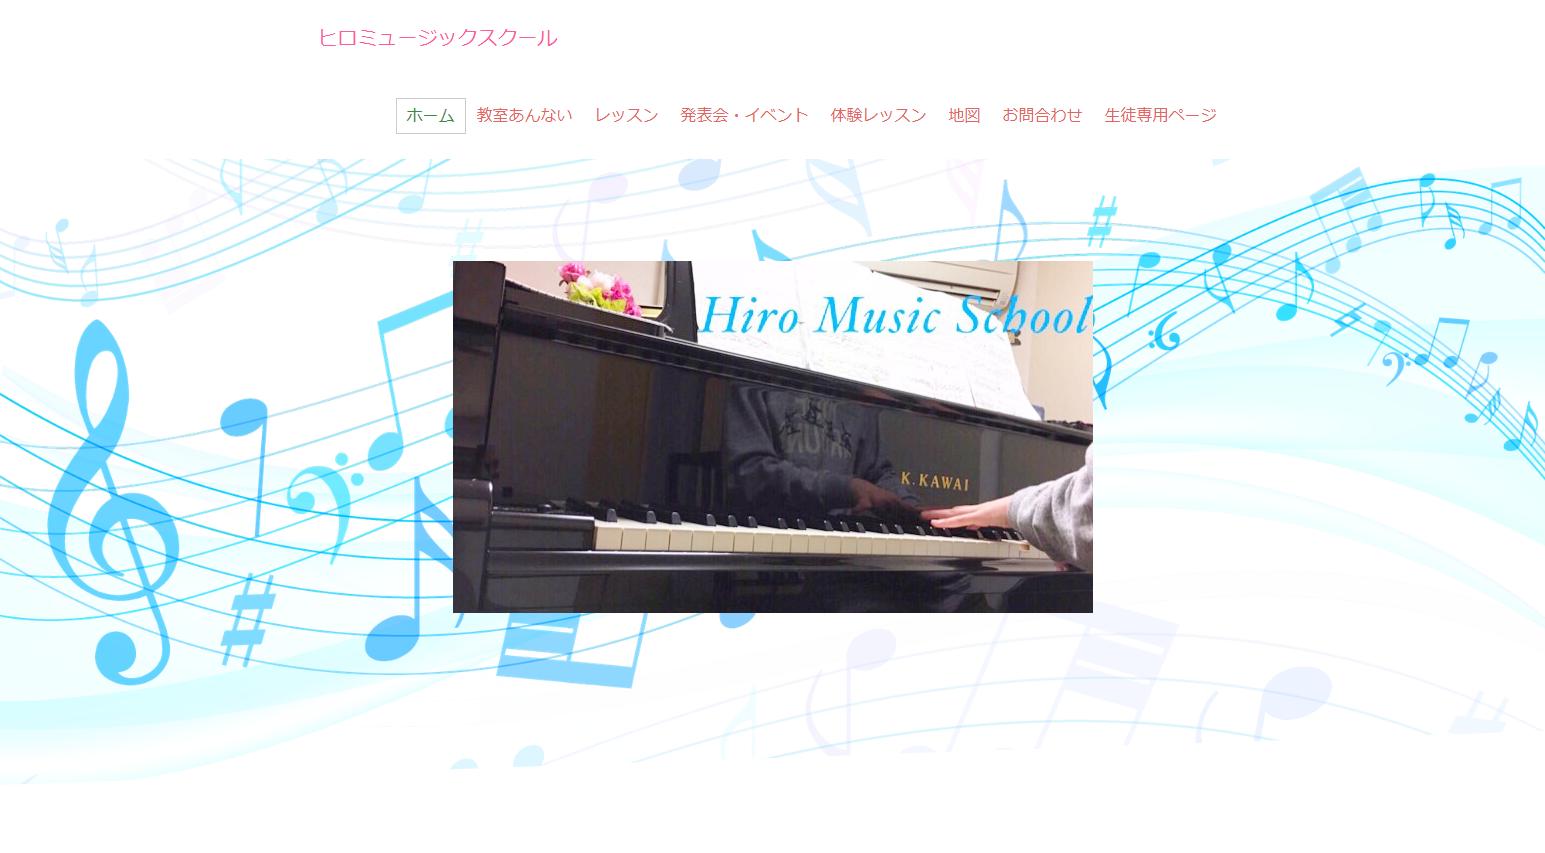 ヒロミュージックスクールのサムネイル